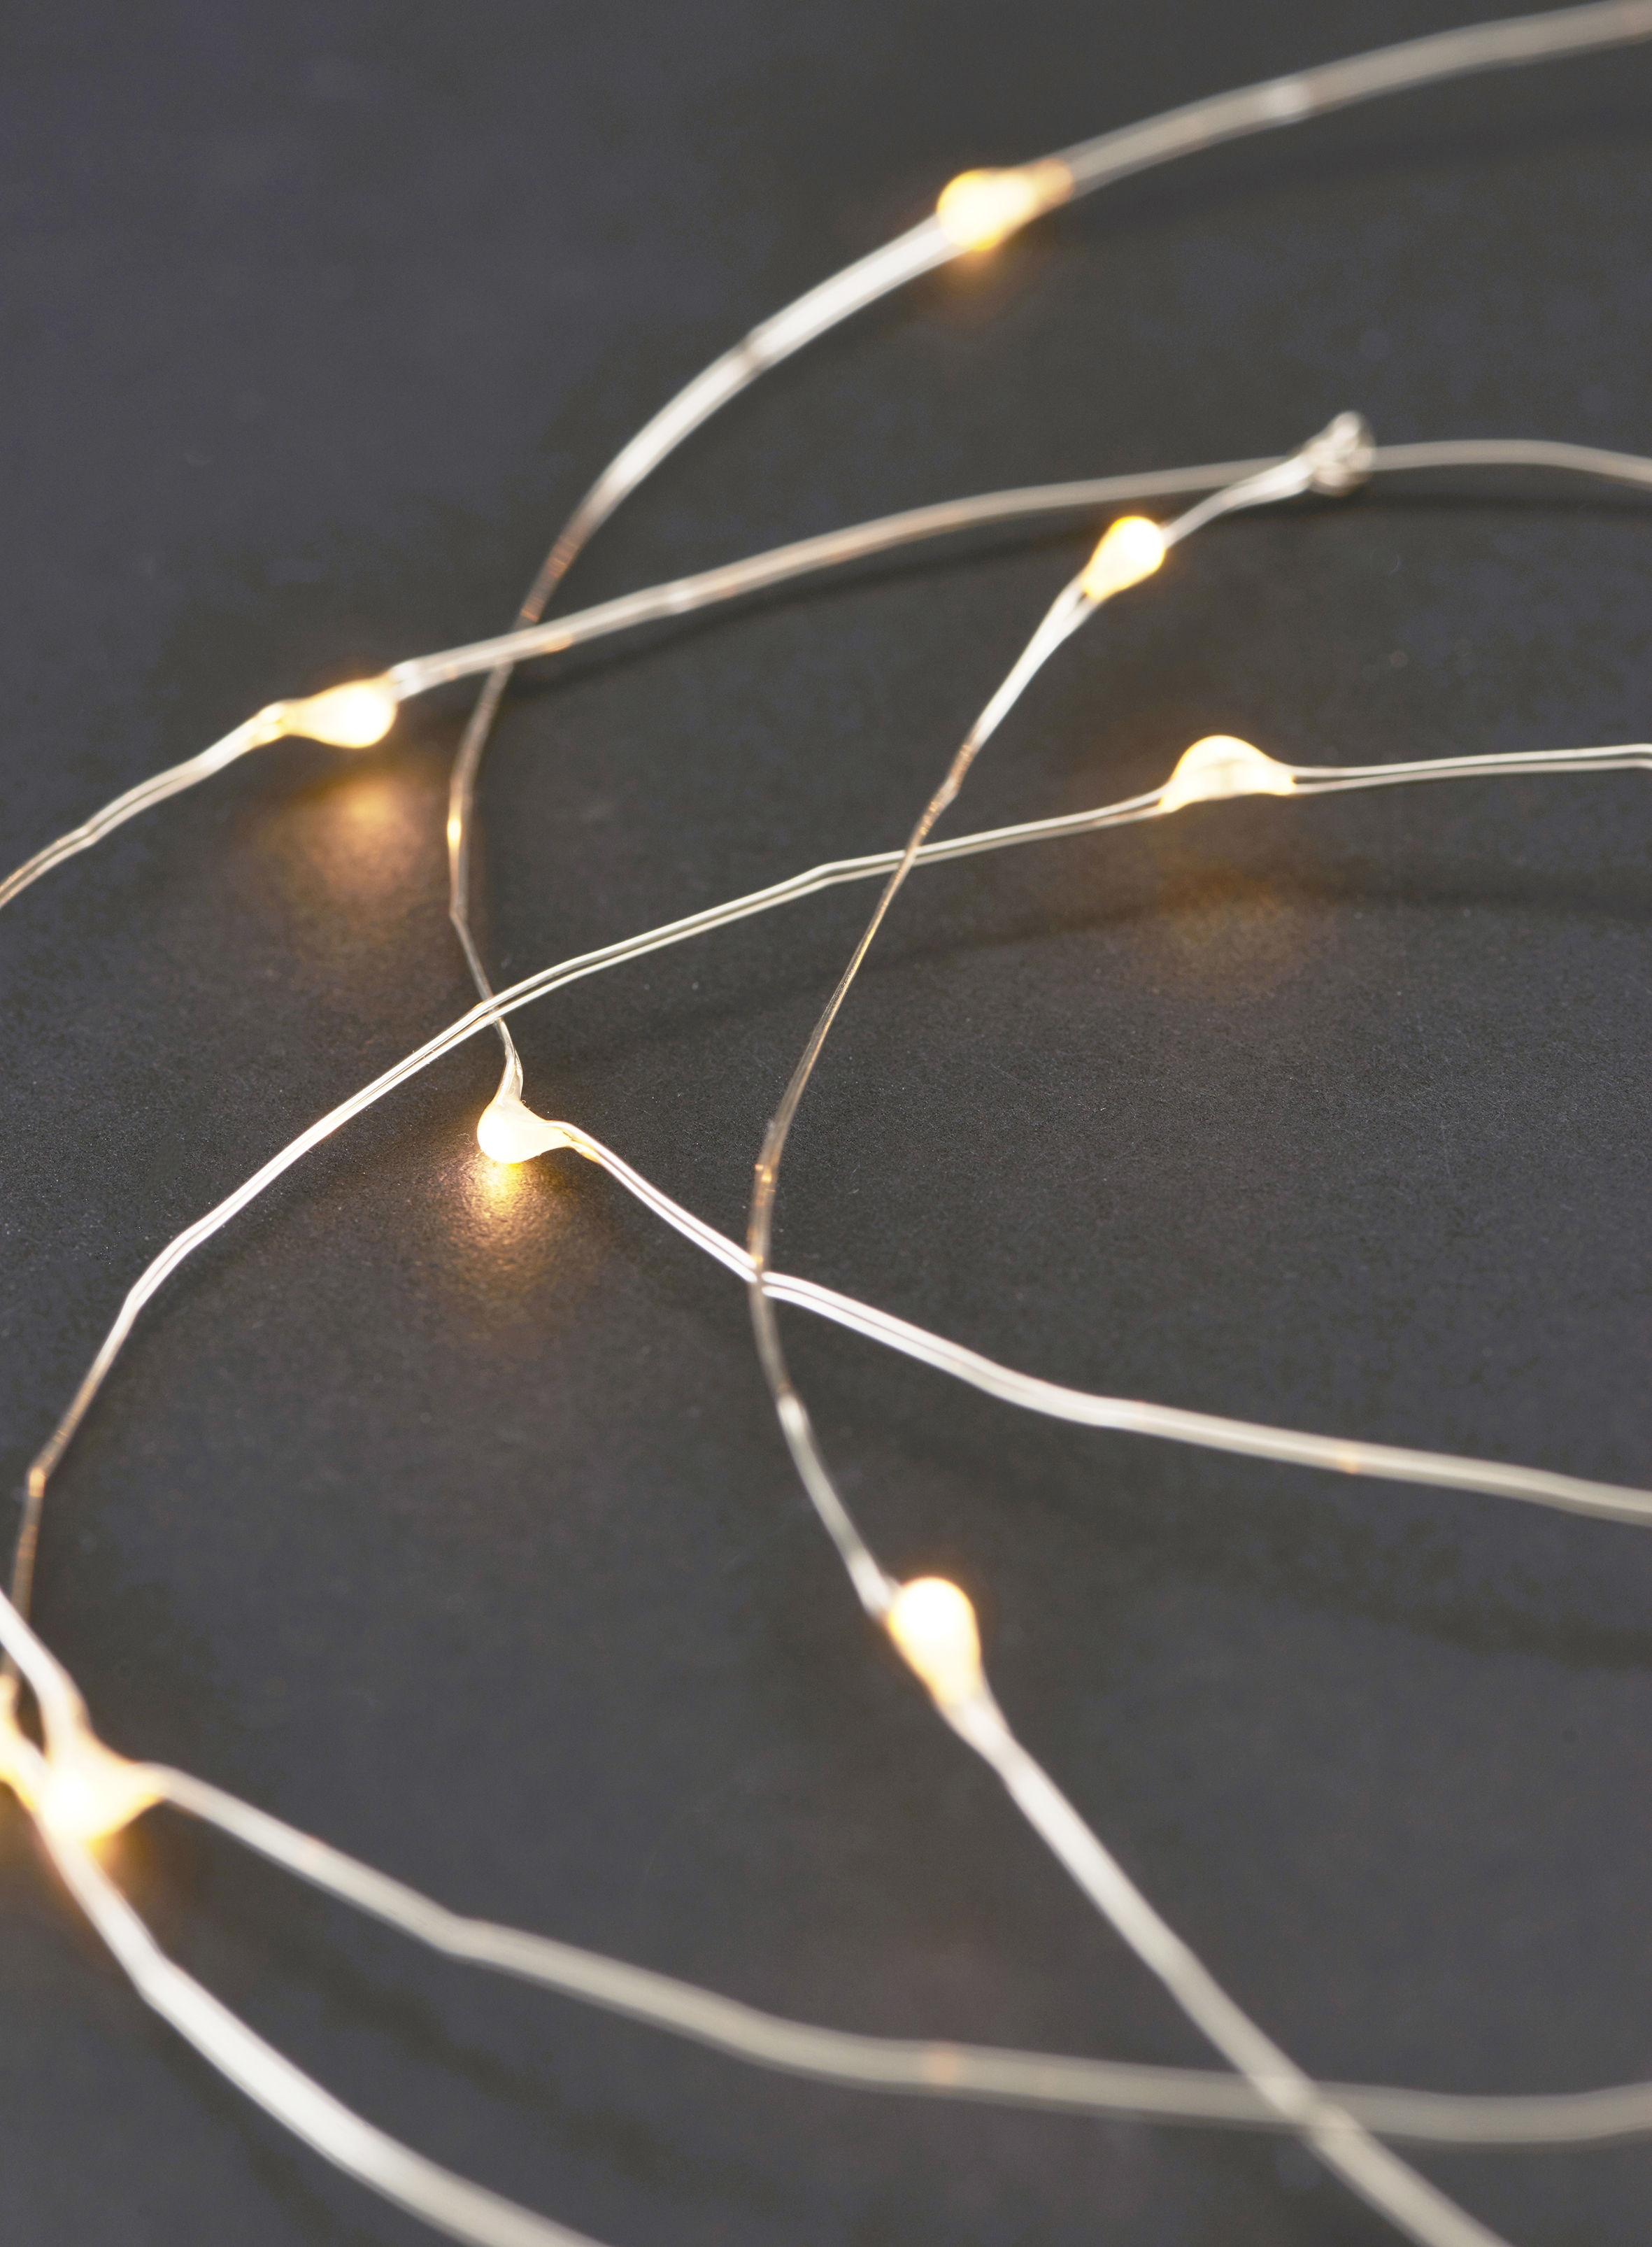 Illuminazione - Arredamento e oggetti luminosi - Ghirlanda luminosa String Lights LED / 10 metri - House Doctor - Metallo - Filo in metallo